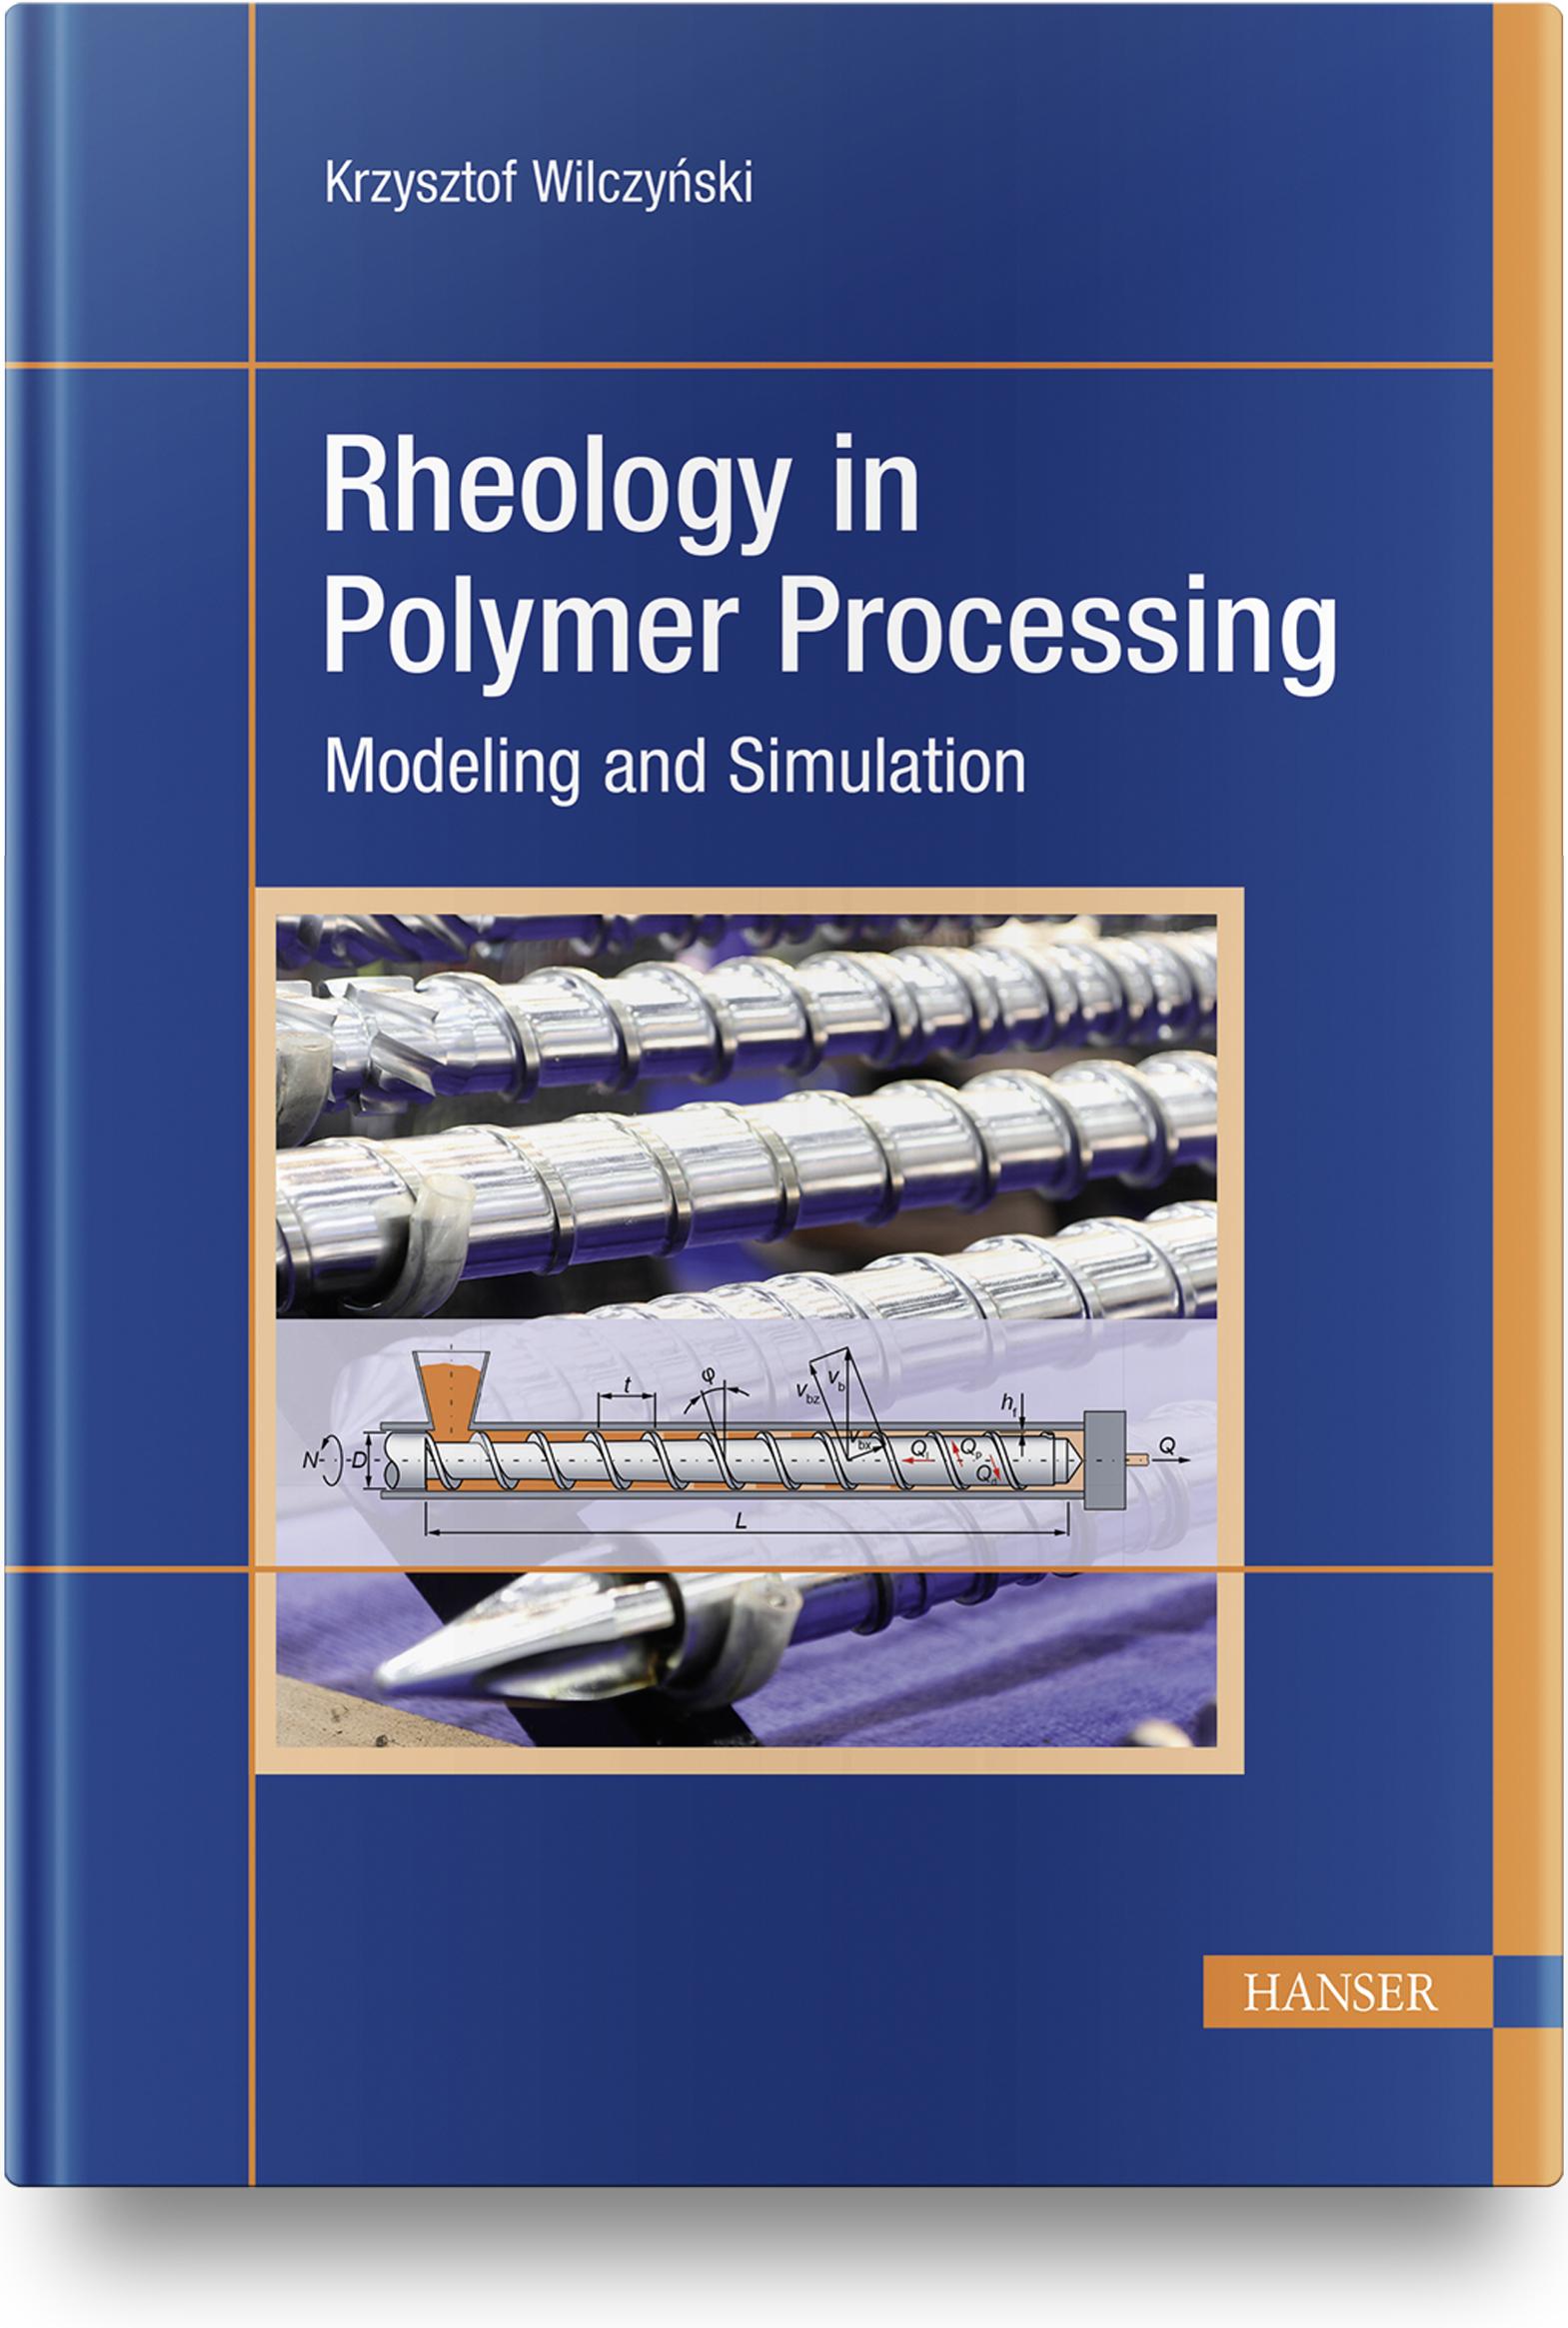 Rheology in Polymer Processing, 978-1-56990-660-6